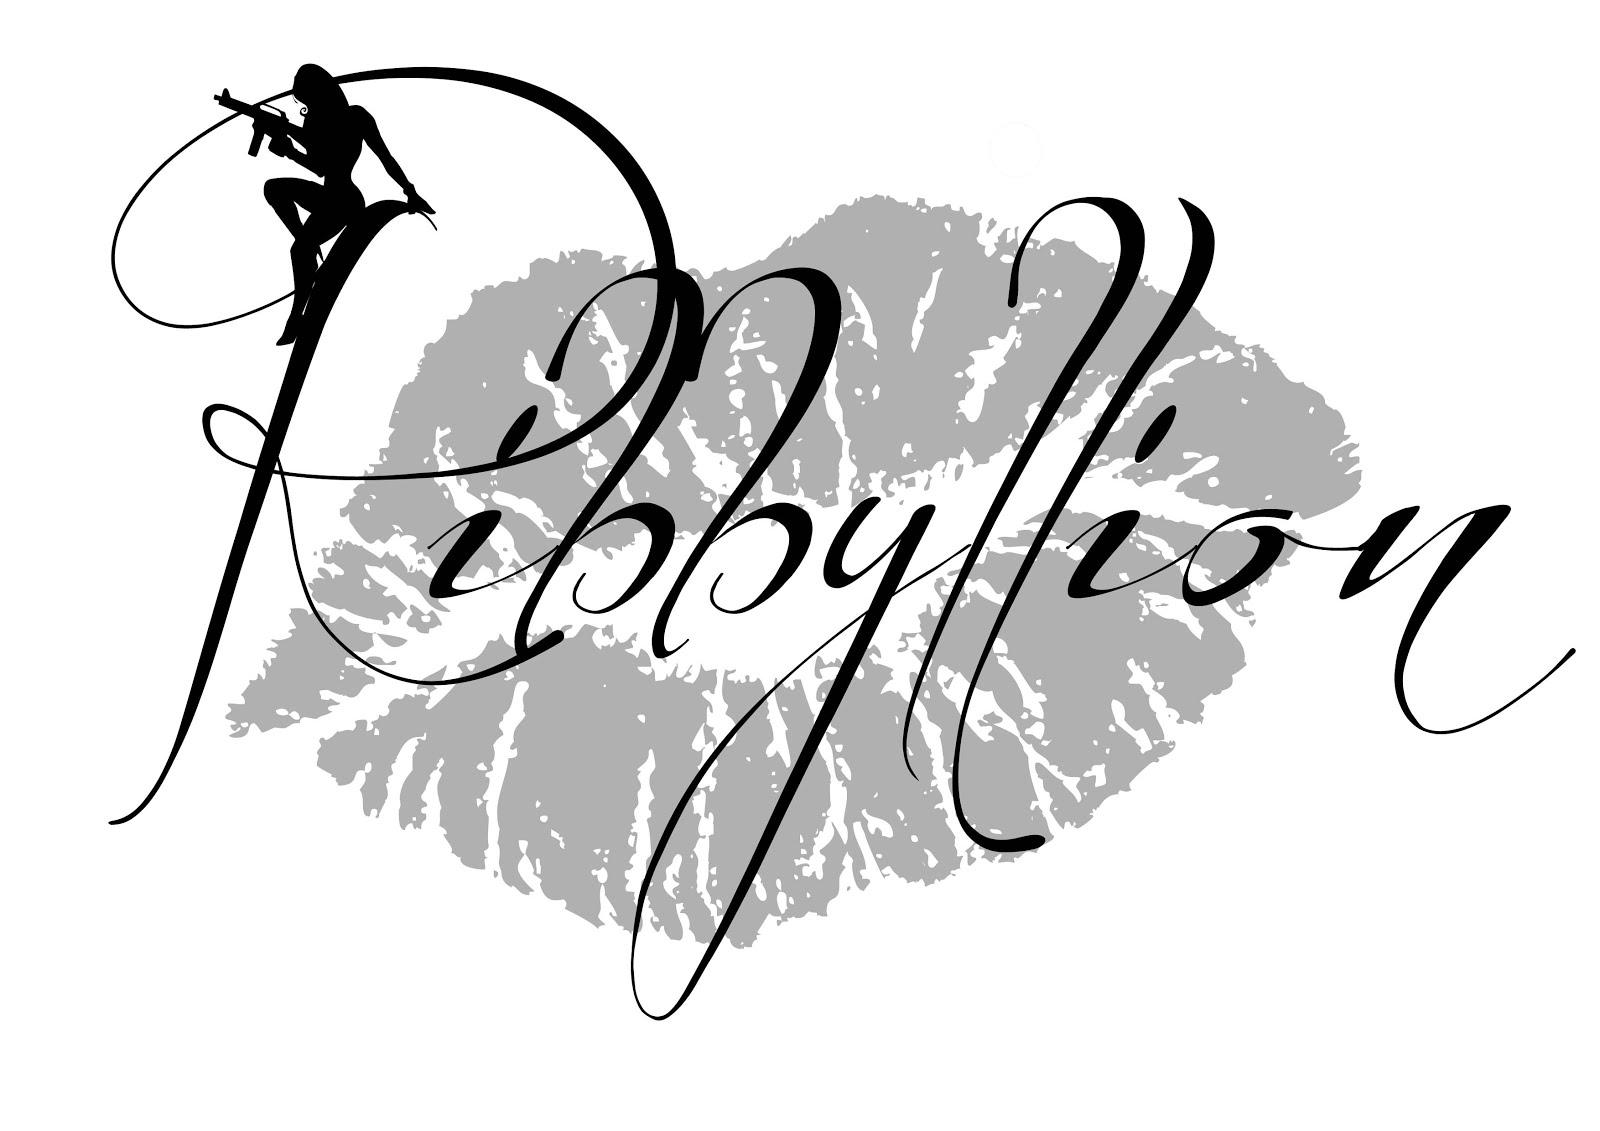 Ribbyllion